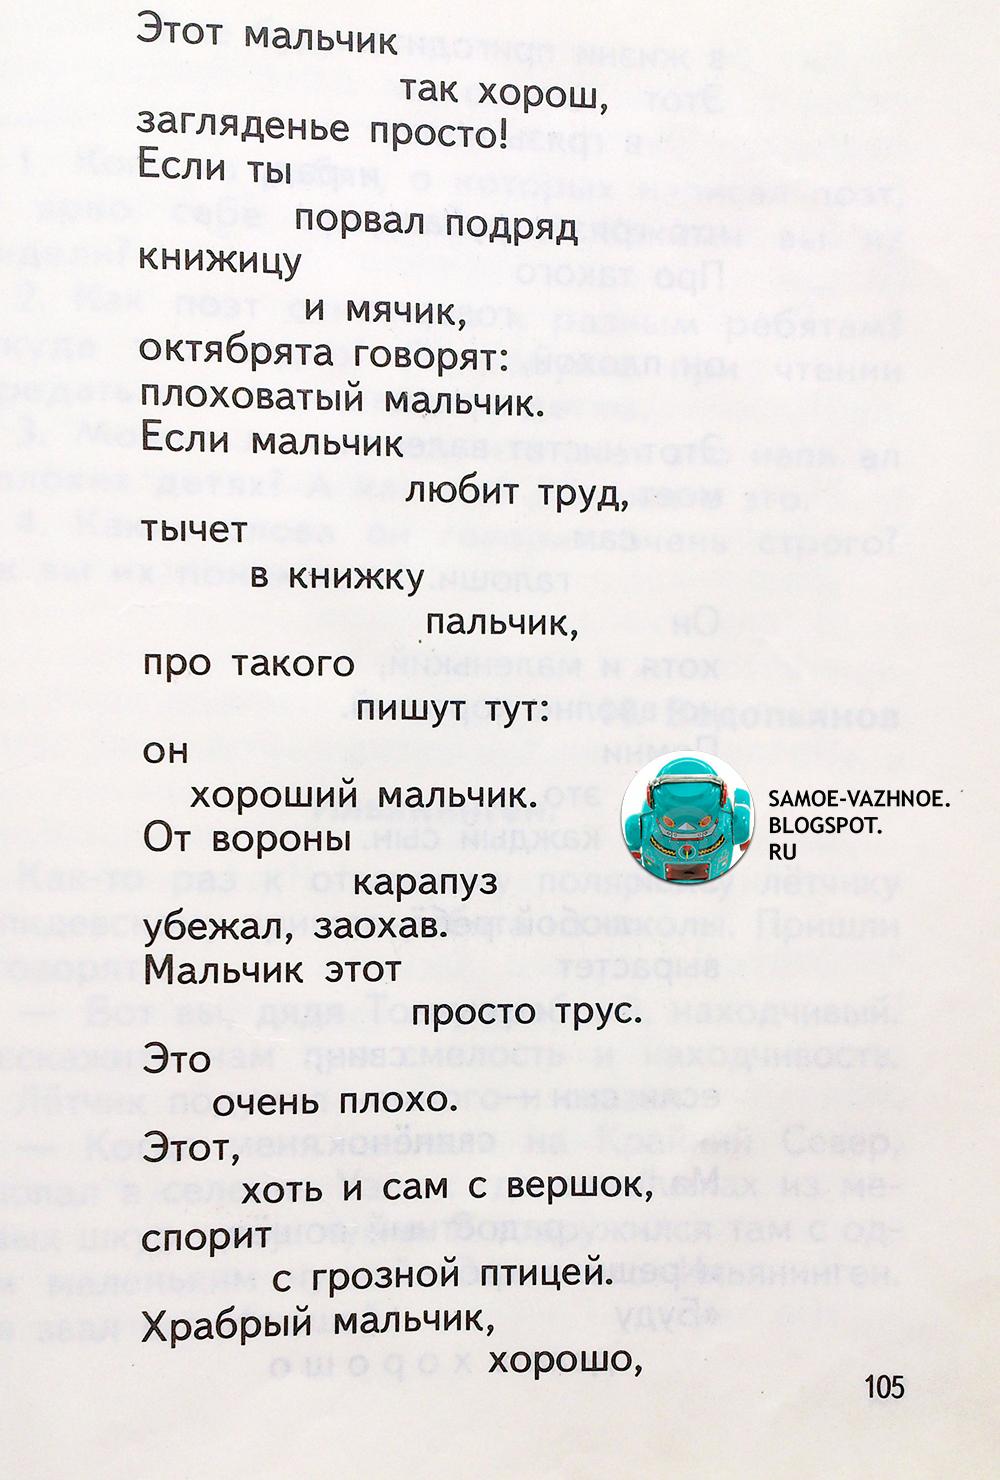 Старый школьный учебник из детства литература